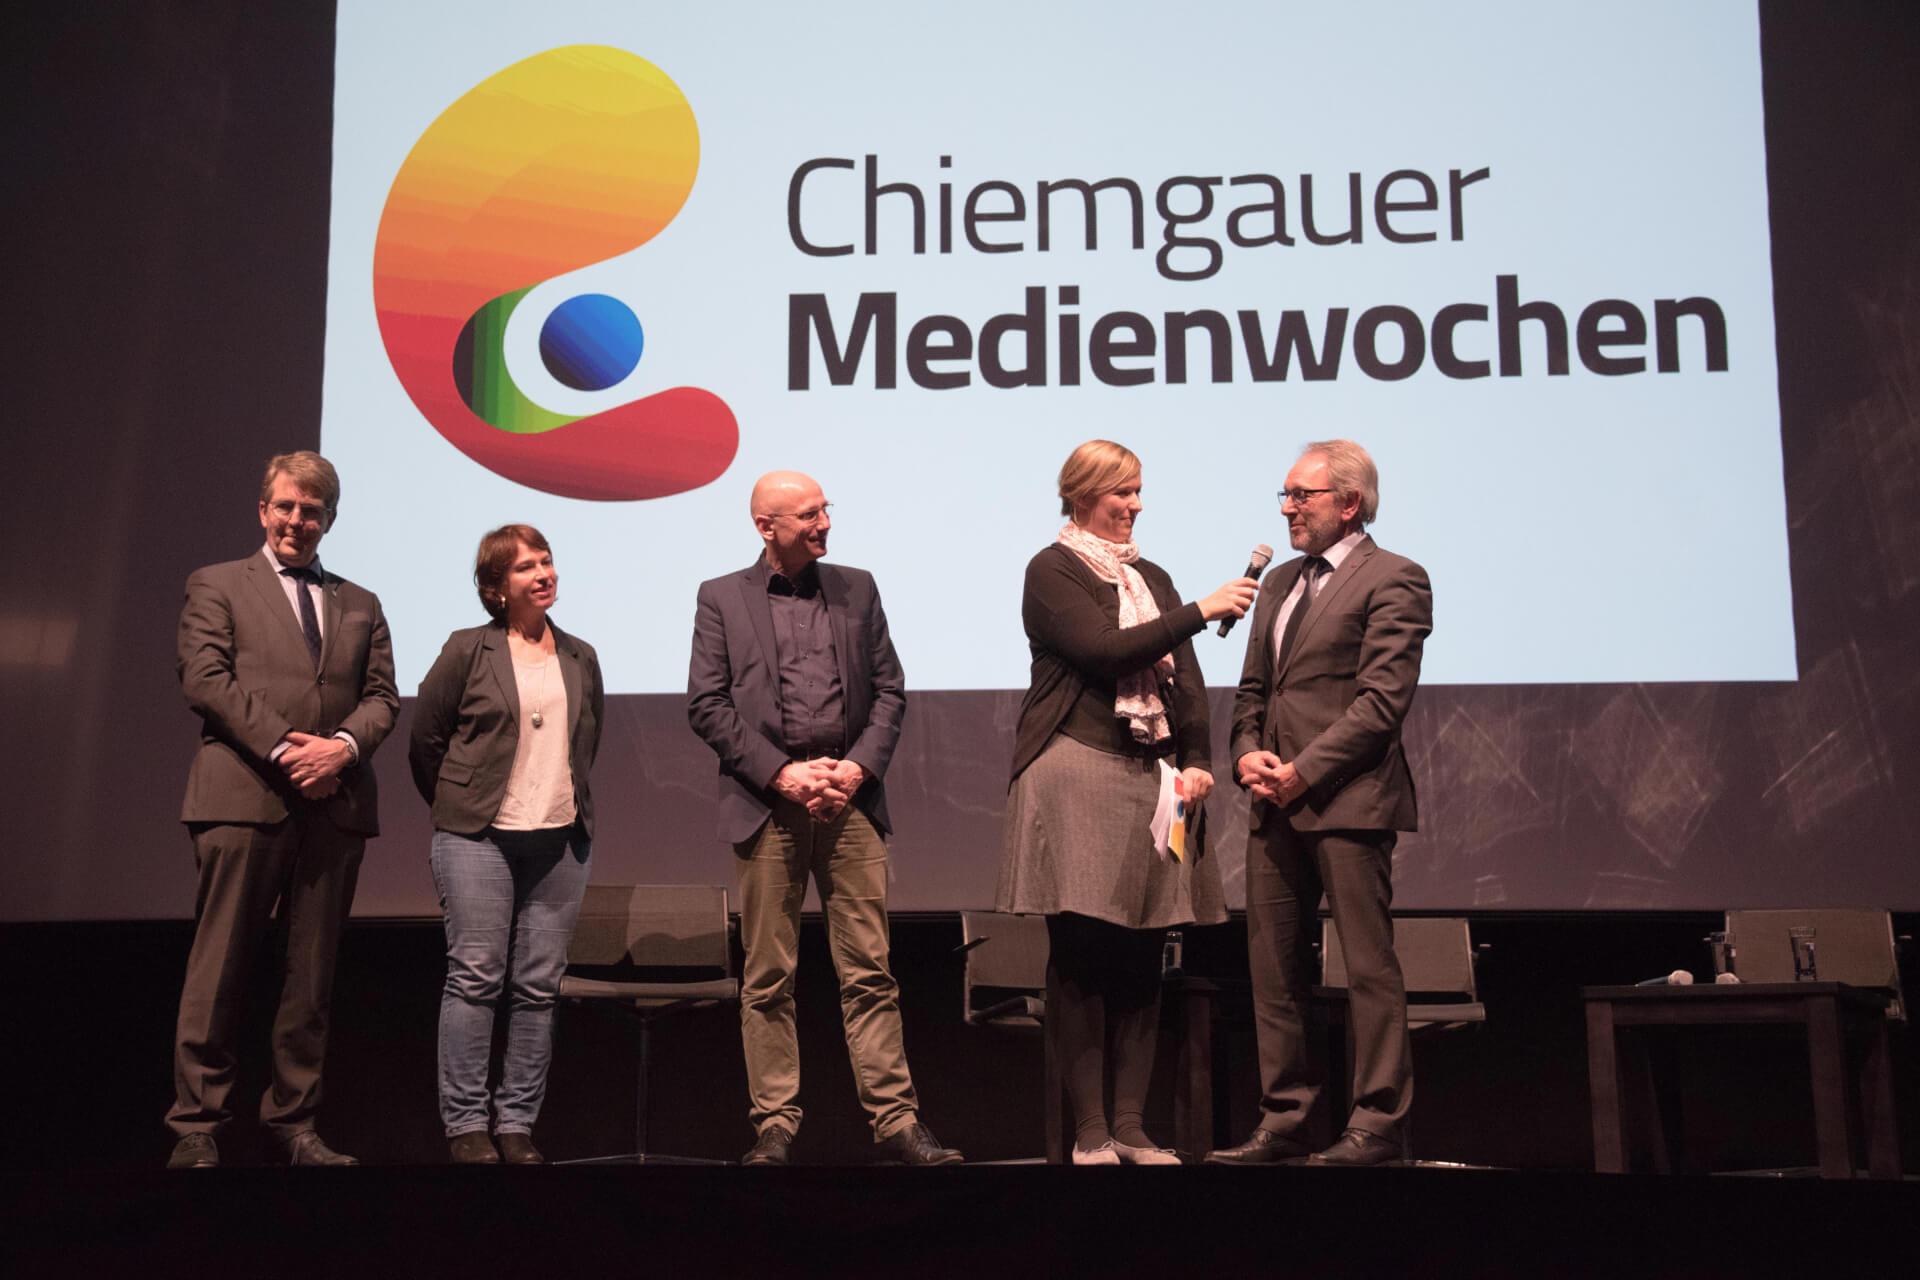 Eröffnung der Medienwochen (c) Q3/Schmidhuber